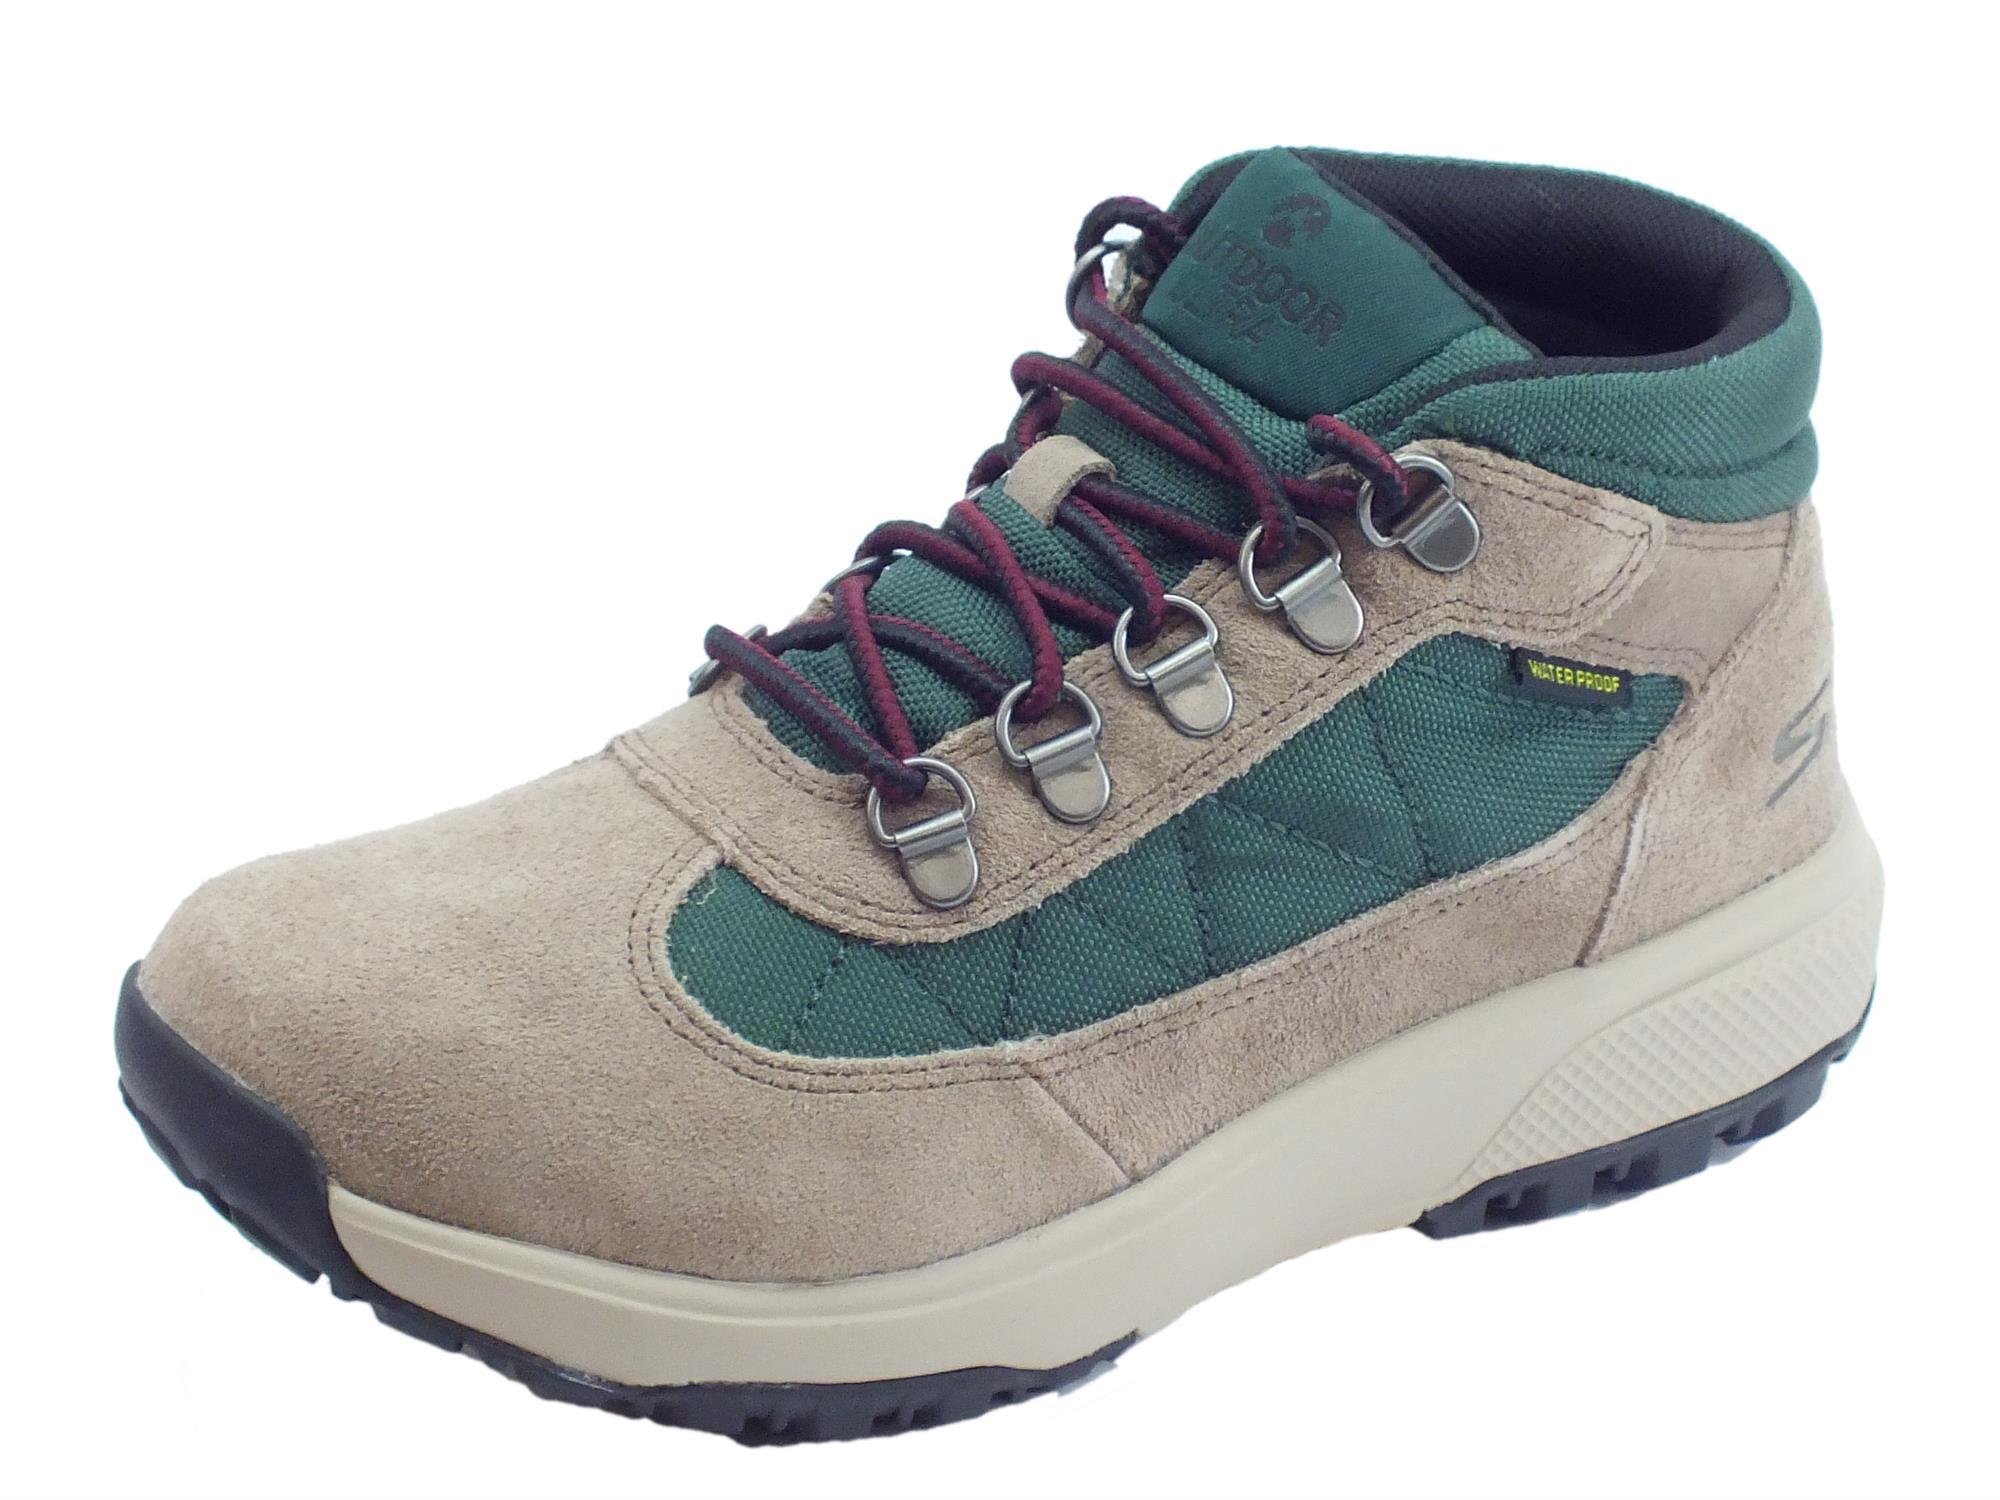 Scarpe Trekking Waterproof Skechers per donna in camoscio taupe e tessuto  tecnico verde d4f2b5b7eb8